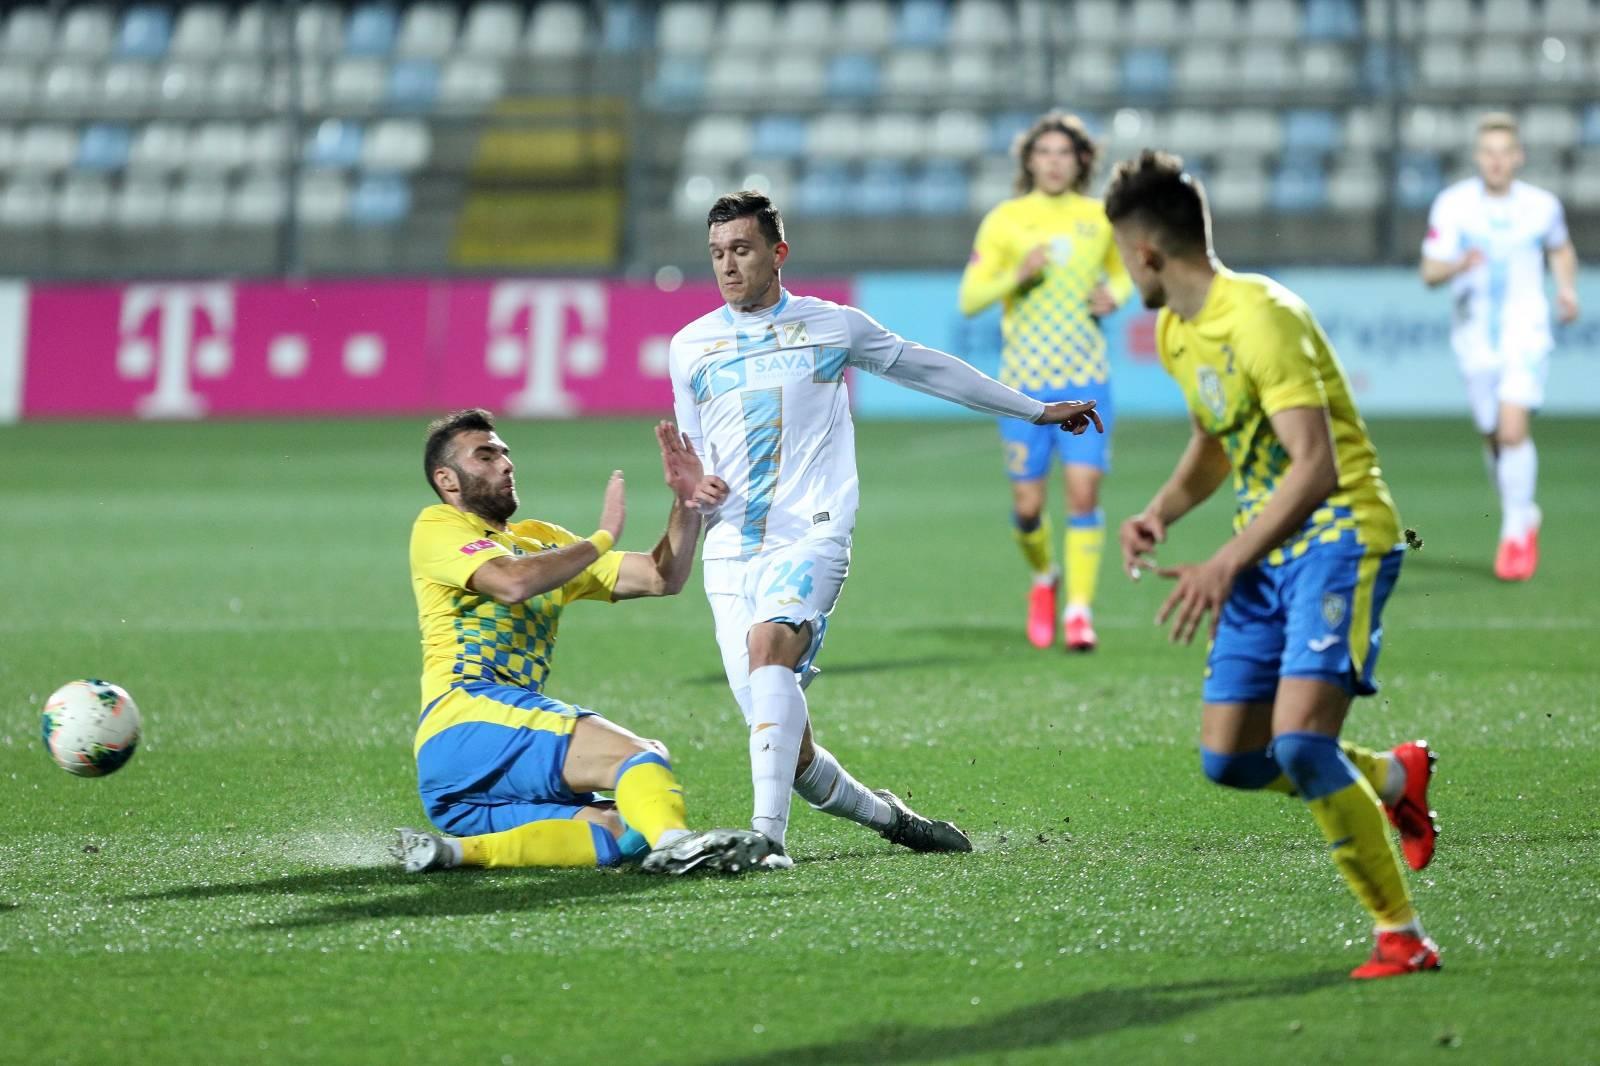 Rijeka: U 25. kolu Prve HNL susreli se HNK Rijeka i NK Inter Zaprešić